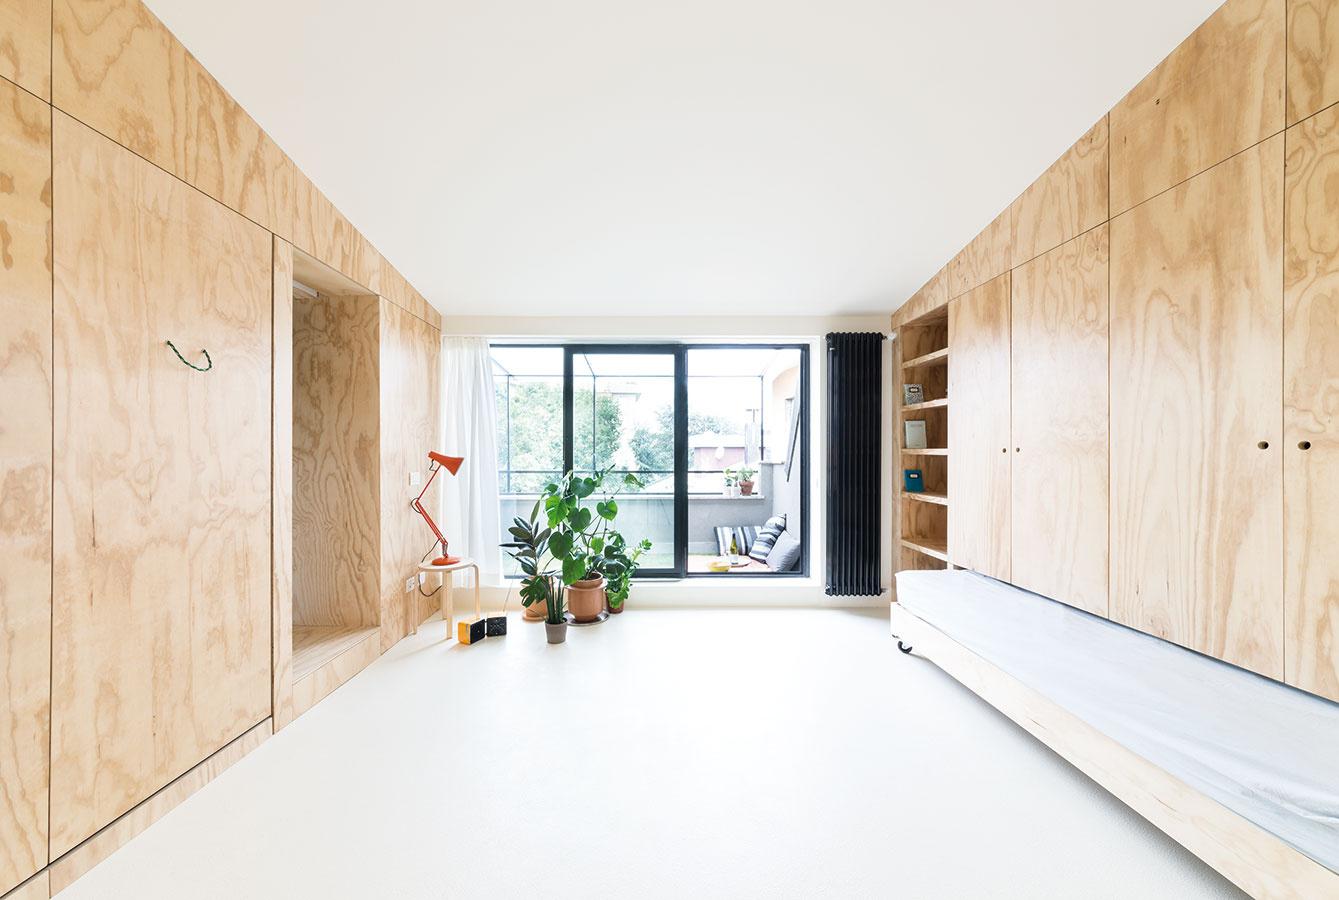 """Dva """"aktívne"""" preglejkové panely na stenách ukrývajú dvojlôžko, posuvné dvere vedúce do kuchyne akúpeľne, šatník aj klimatizačnú jednotku."""